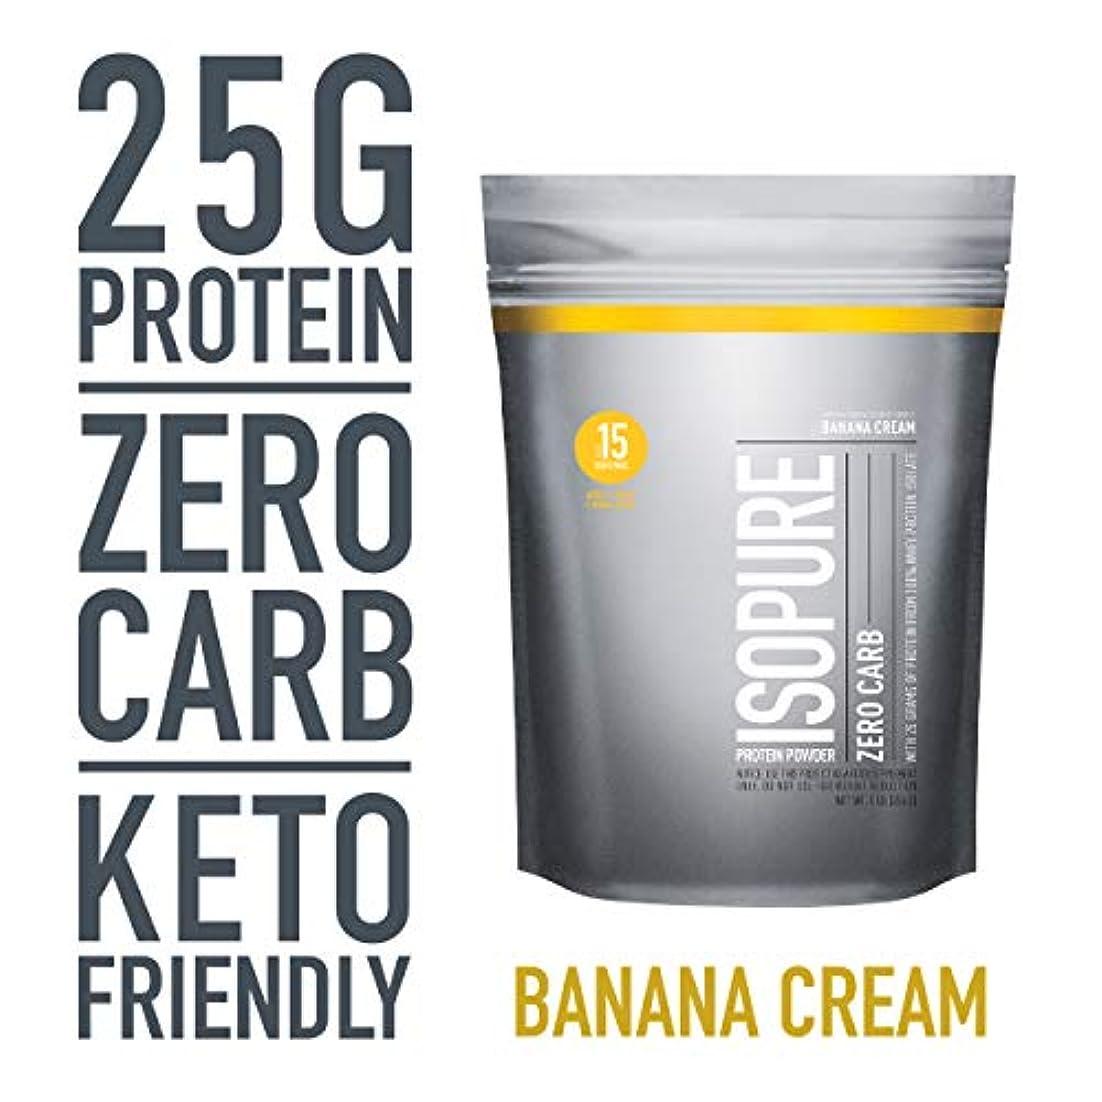 助言する曲がった反抗Nature's Best - Isopure 完璧なゼロ炭水化物バナナ クリーム - 1ポンド。